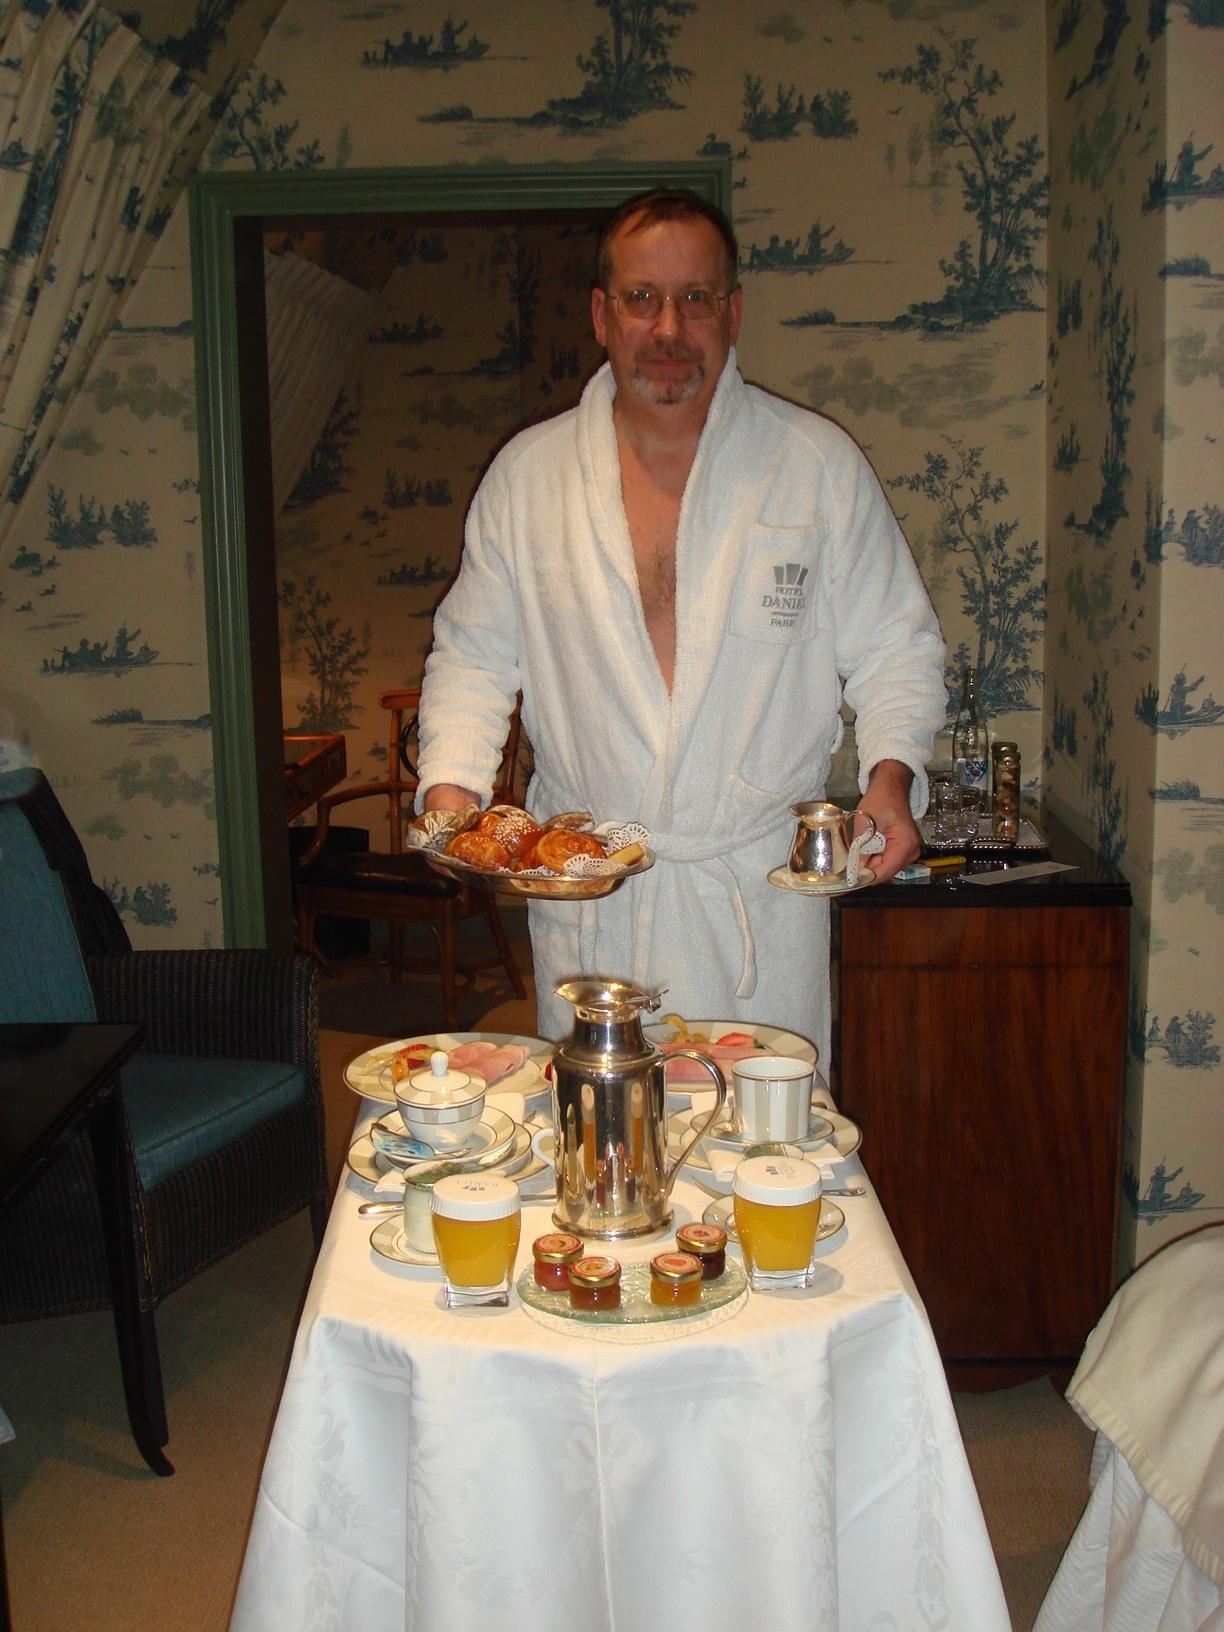 На утро я был счастливым обладателем двух роскошных завтраков, более претендентов не нашлось.